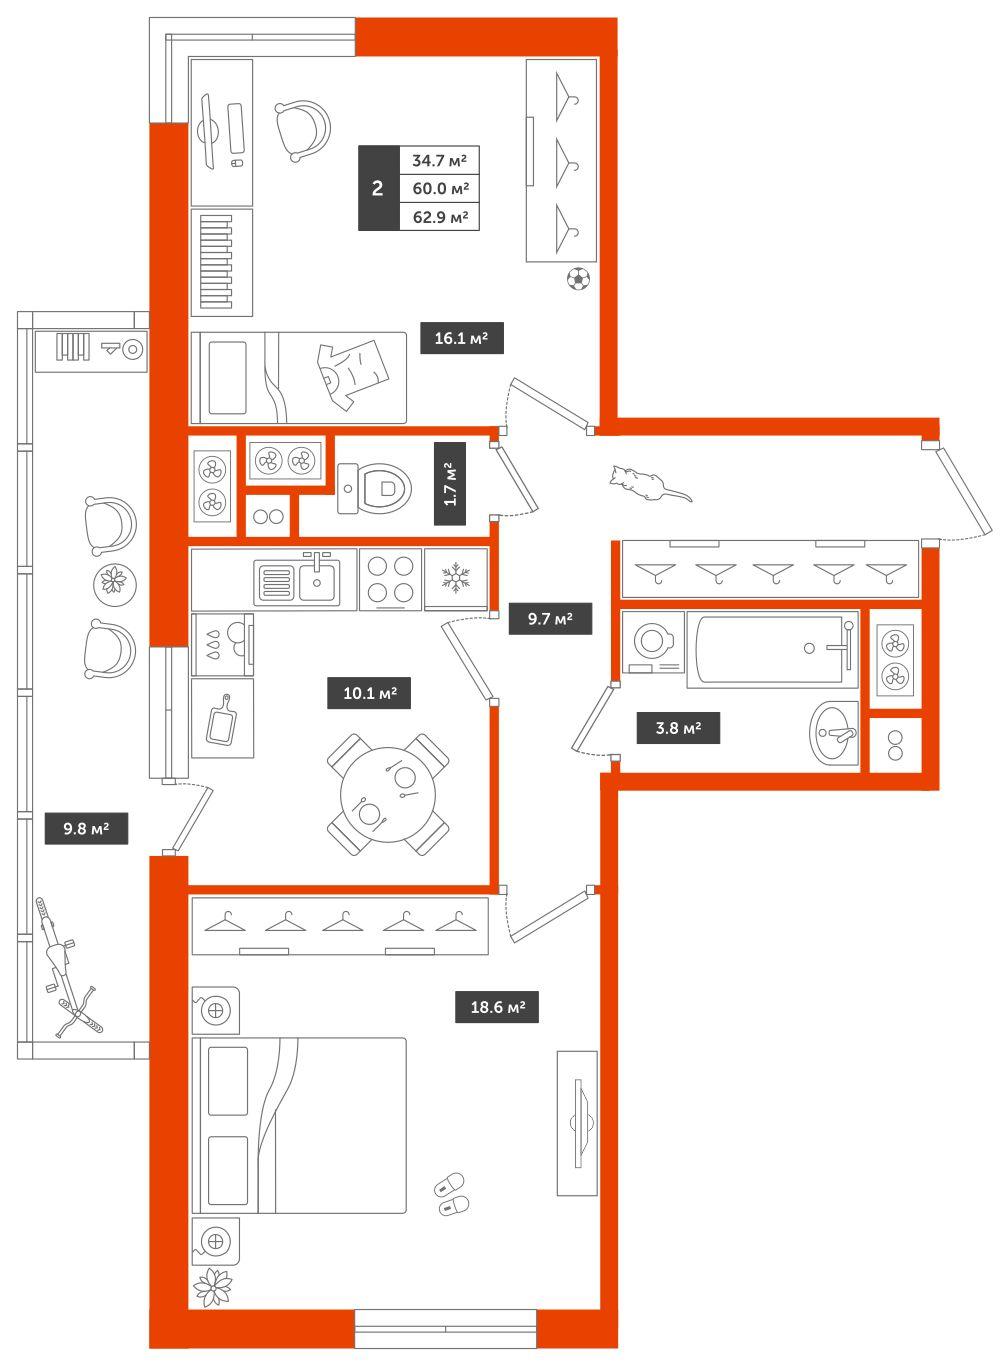 2-комнатная квартира, 62.9м² за 6,1 млн руб.